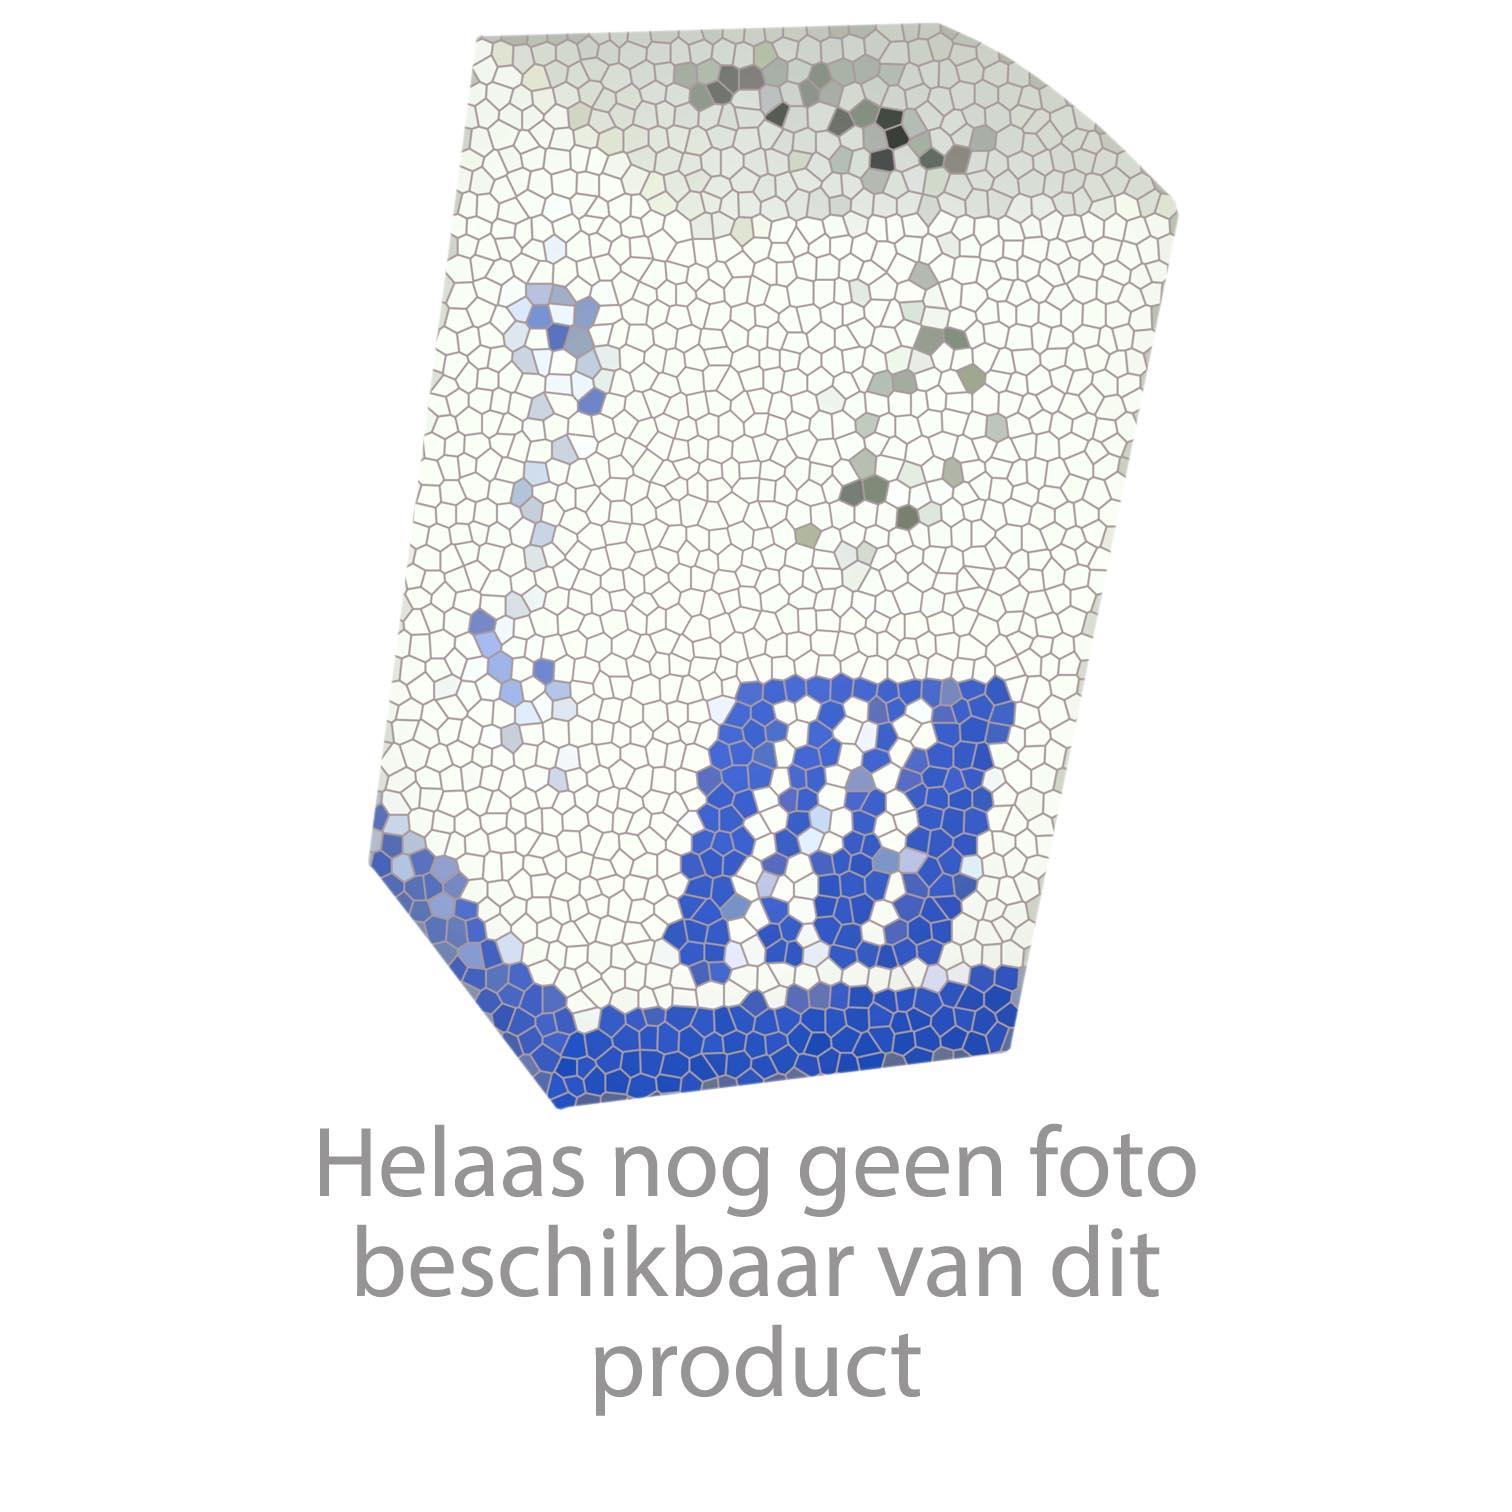 HansGrohe Keukenmengkranen Allegra Variarc productiejaar > 09/02 14873 onderdelen